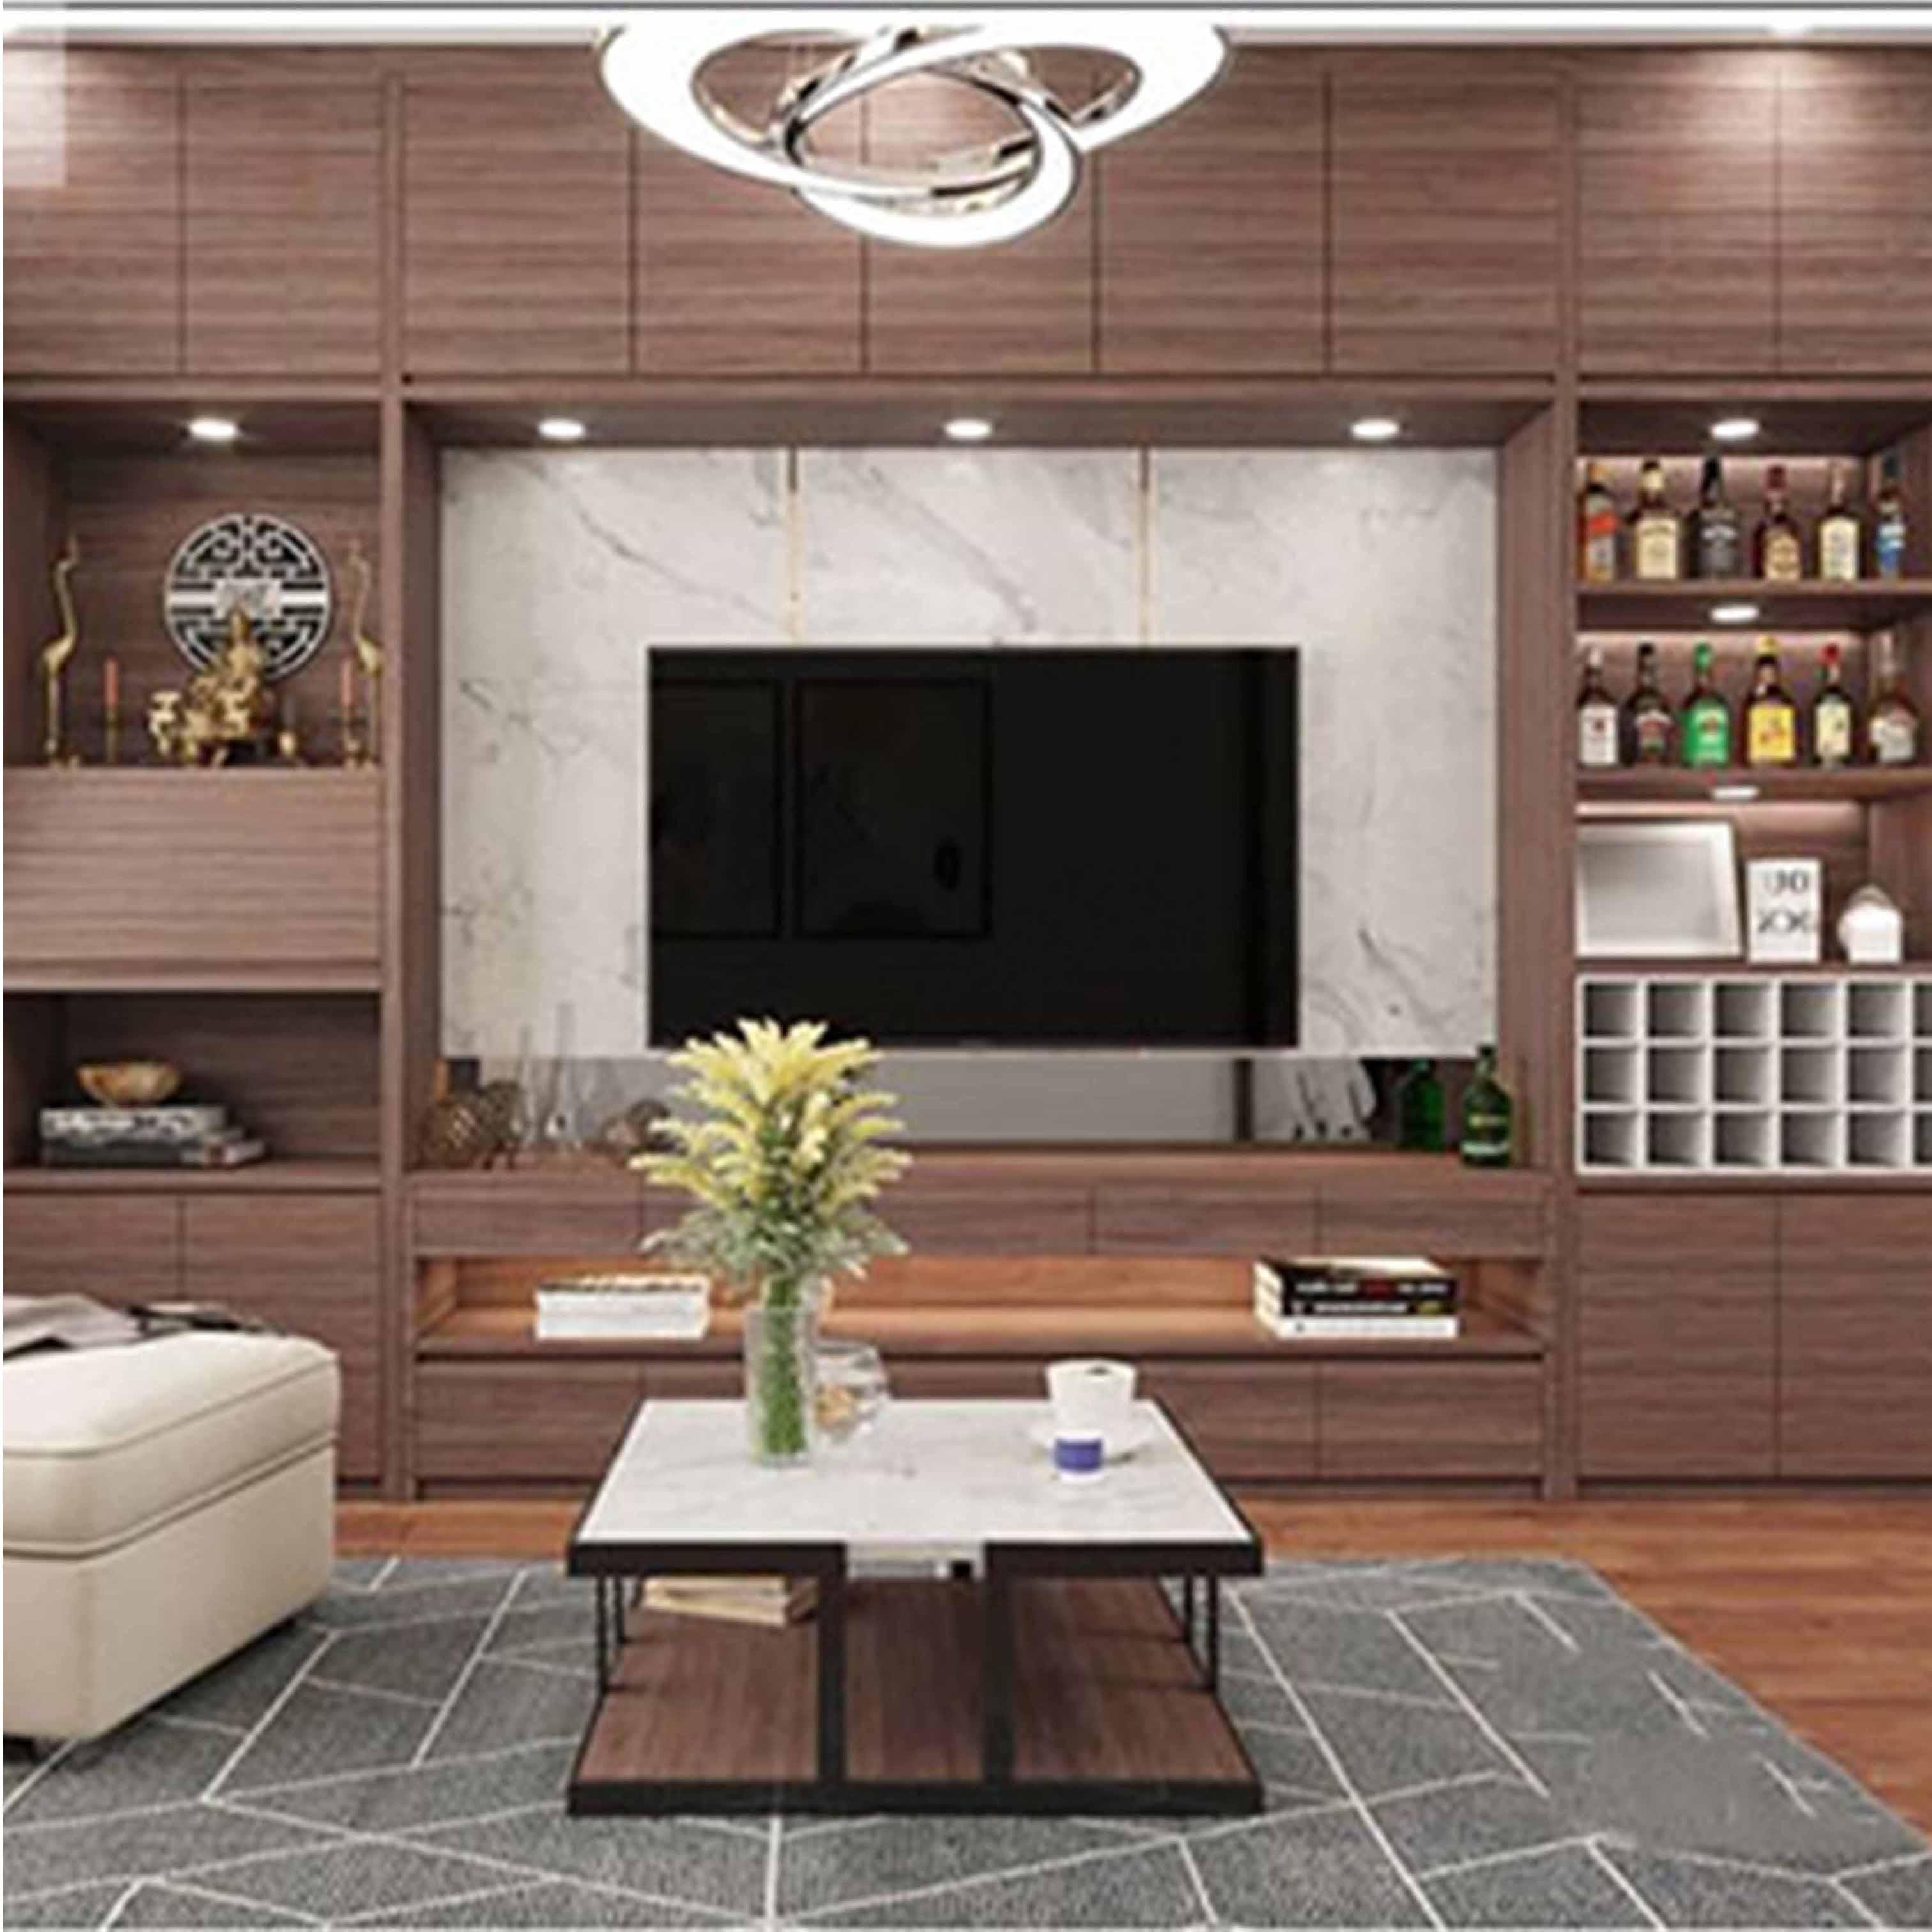 Thiết kế nội thất căn hộ chưng cư tại Thanh Xuân, Hà Nội - TK18LHFU